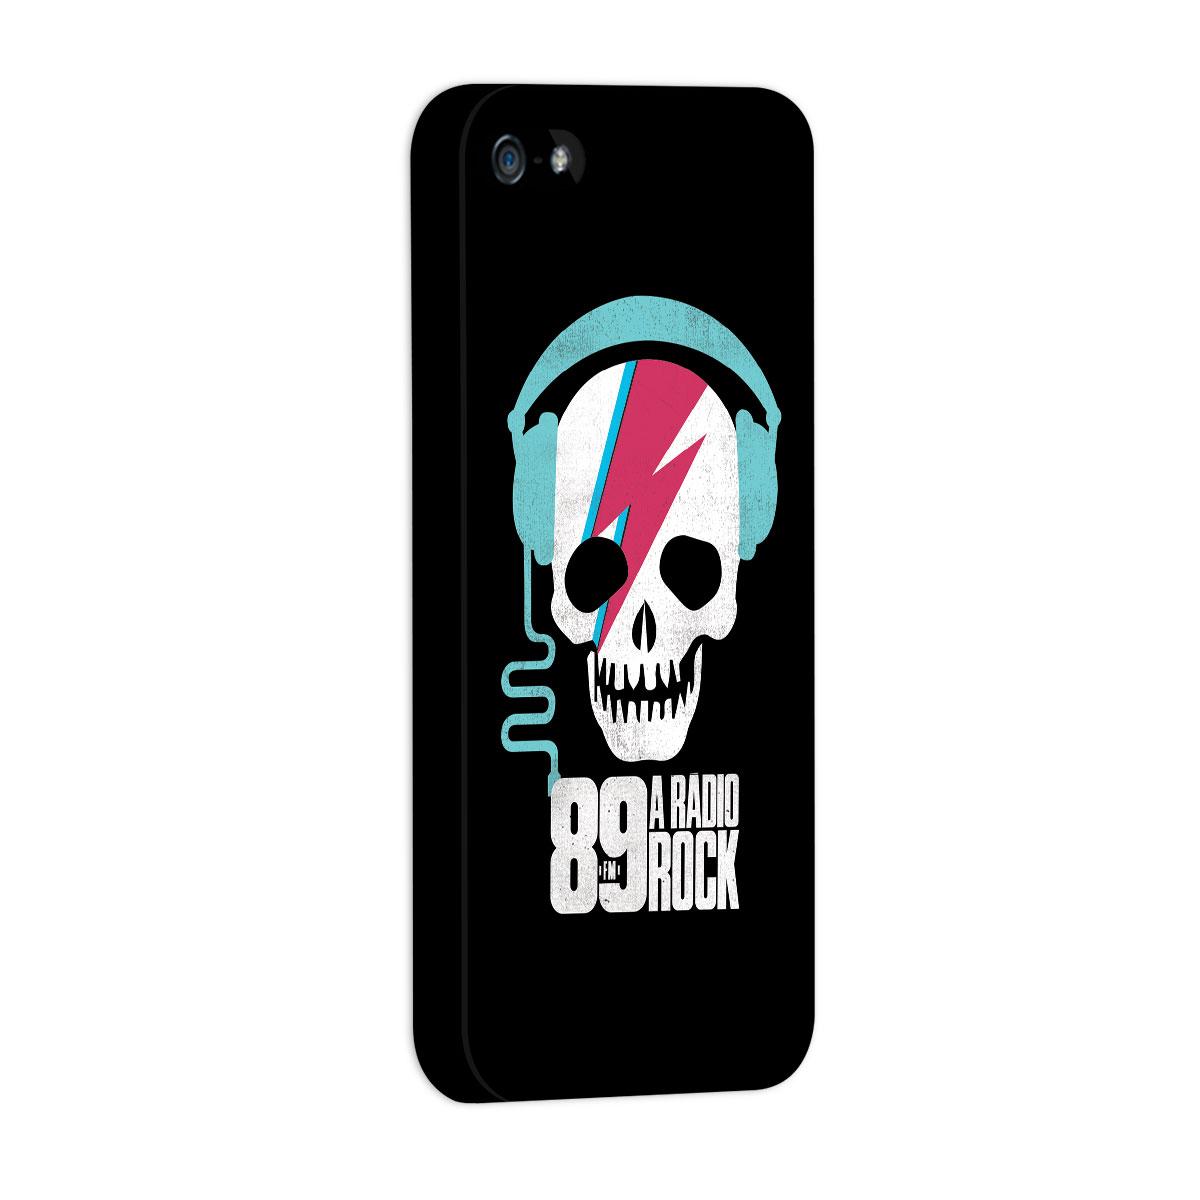 Capa de iPhone 5/5S 89 FM Thunder Skull